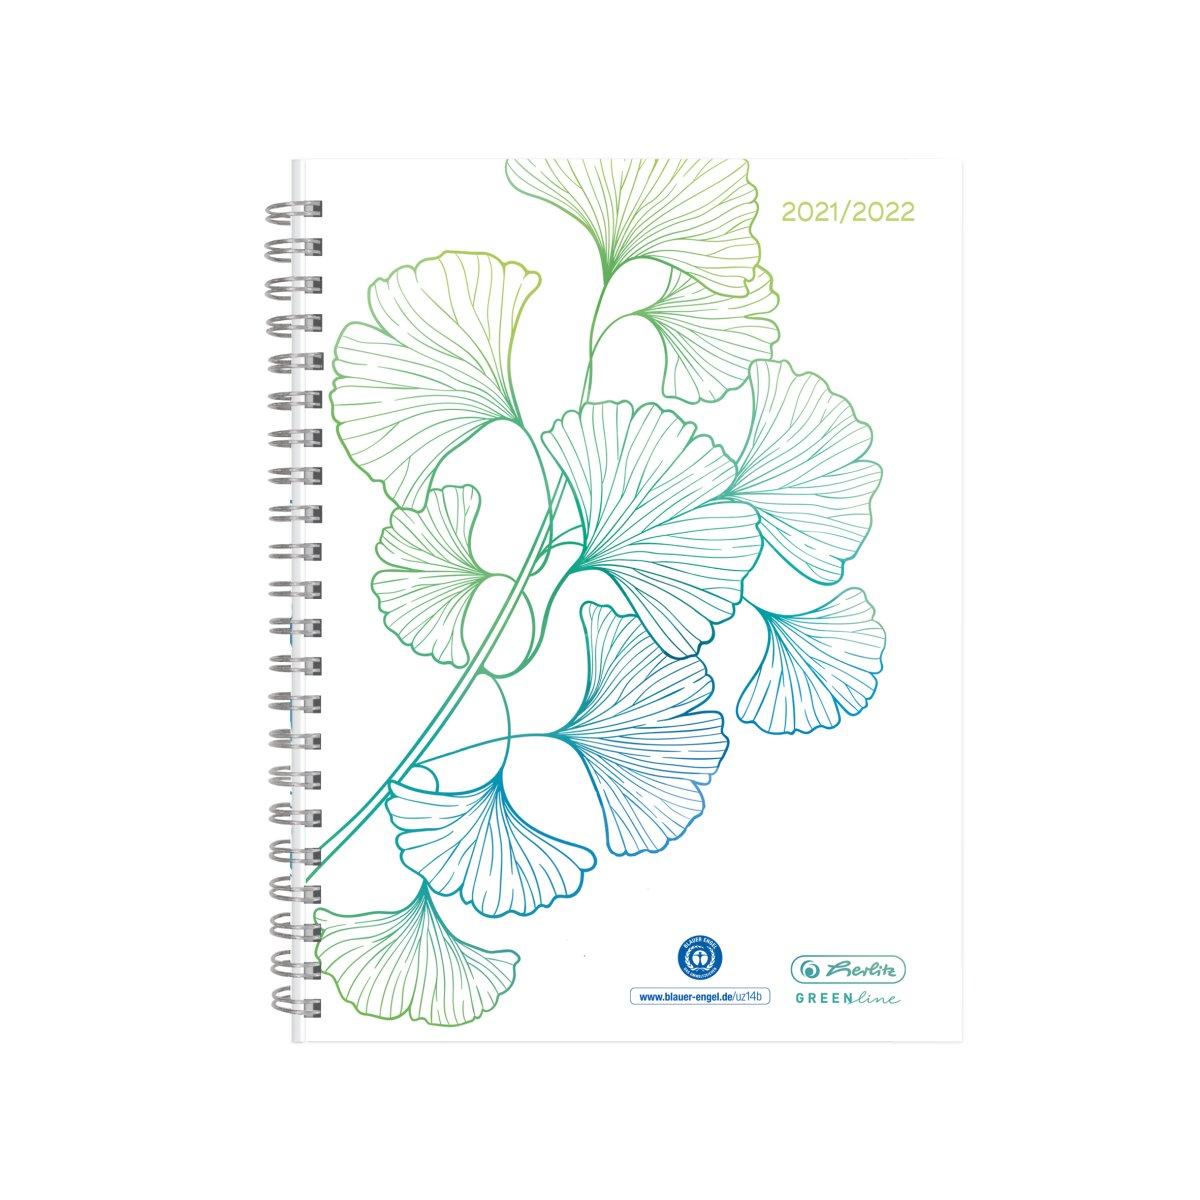 Vorschau: Herlitz Schülerkalender GREENline A5 21/22 Ginkgo Wochenkale